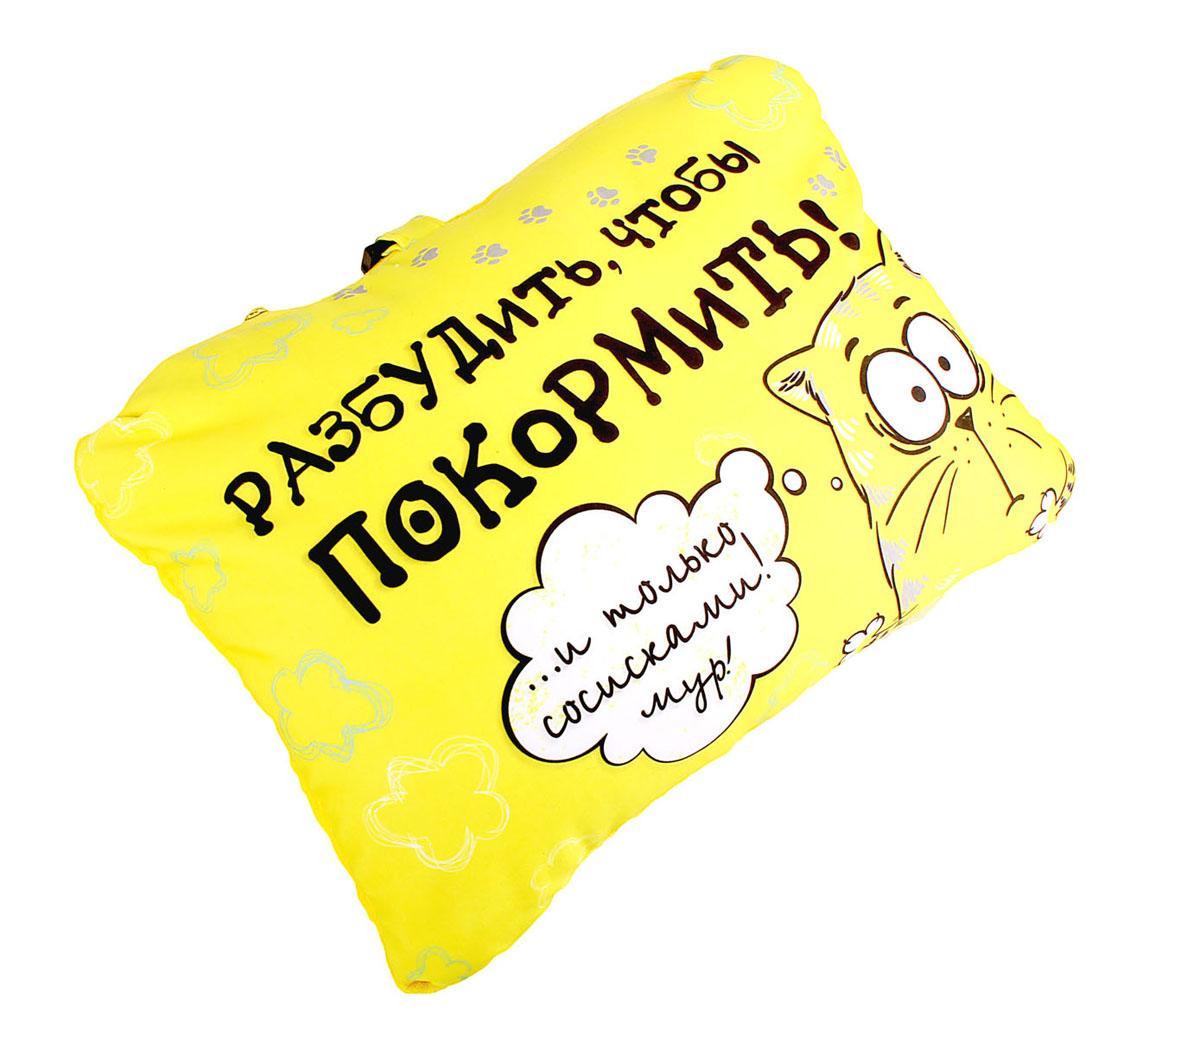 Подушка-трансформер Йошкин кот. 661342661342Подушка-трансформер Йошкин кот станет идеальным дополнением для отличного сна. Ее можно использовать где угодно: дома, в транспорте, самолете или даже на работе. Волшебный расслабляющий секрет подушки-трансформера - тысячи мельчайших гранул наполнителя. Подушка выполнена из текстиля желтого цвета и имеет две формы: в виде непосредственно прямоугольной подушки и в виде подголовника, который принимает точную форму вокруг шеи. Переход от одной формы к другой занимает пару секунд. Подушка очень прочная. Как бы вы ни сжимали такую подушку, она в любом случае вернет себе первоначальную форму. Такую подушку можно стирать, она не вызывает аллергии и подходит абсолютно всем. Подушка имеет стильные и оригинальные дизайны, среди которых вы непременно отыщете тот, который подойдет именно вам.